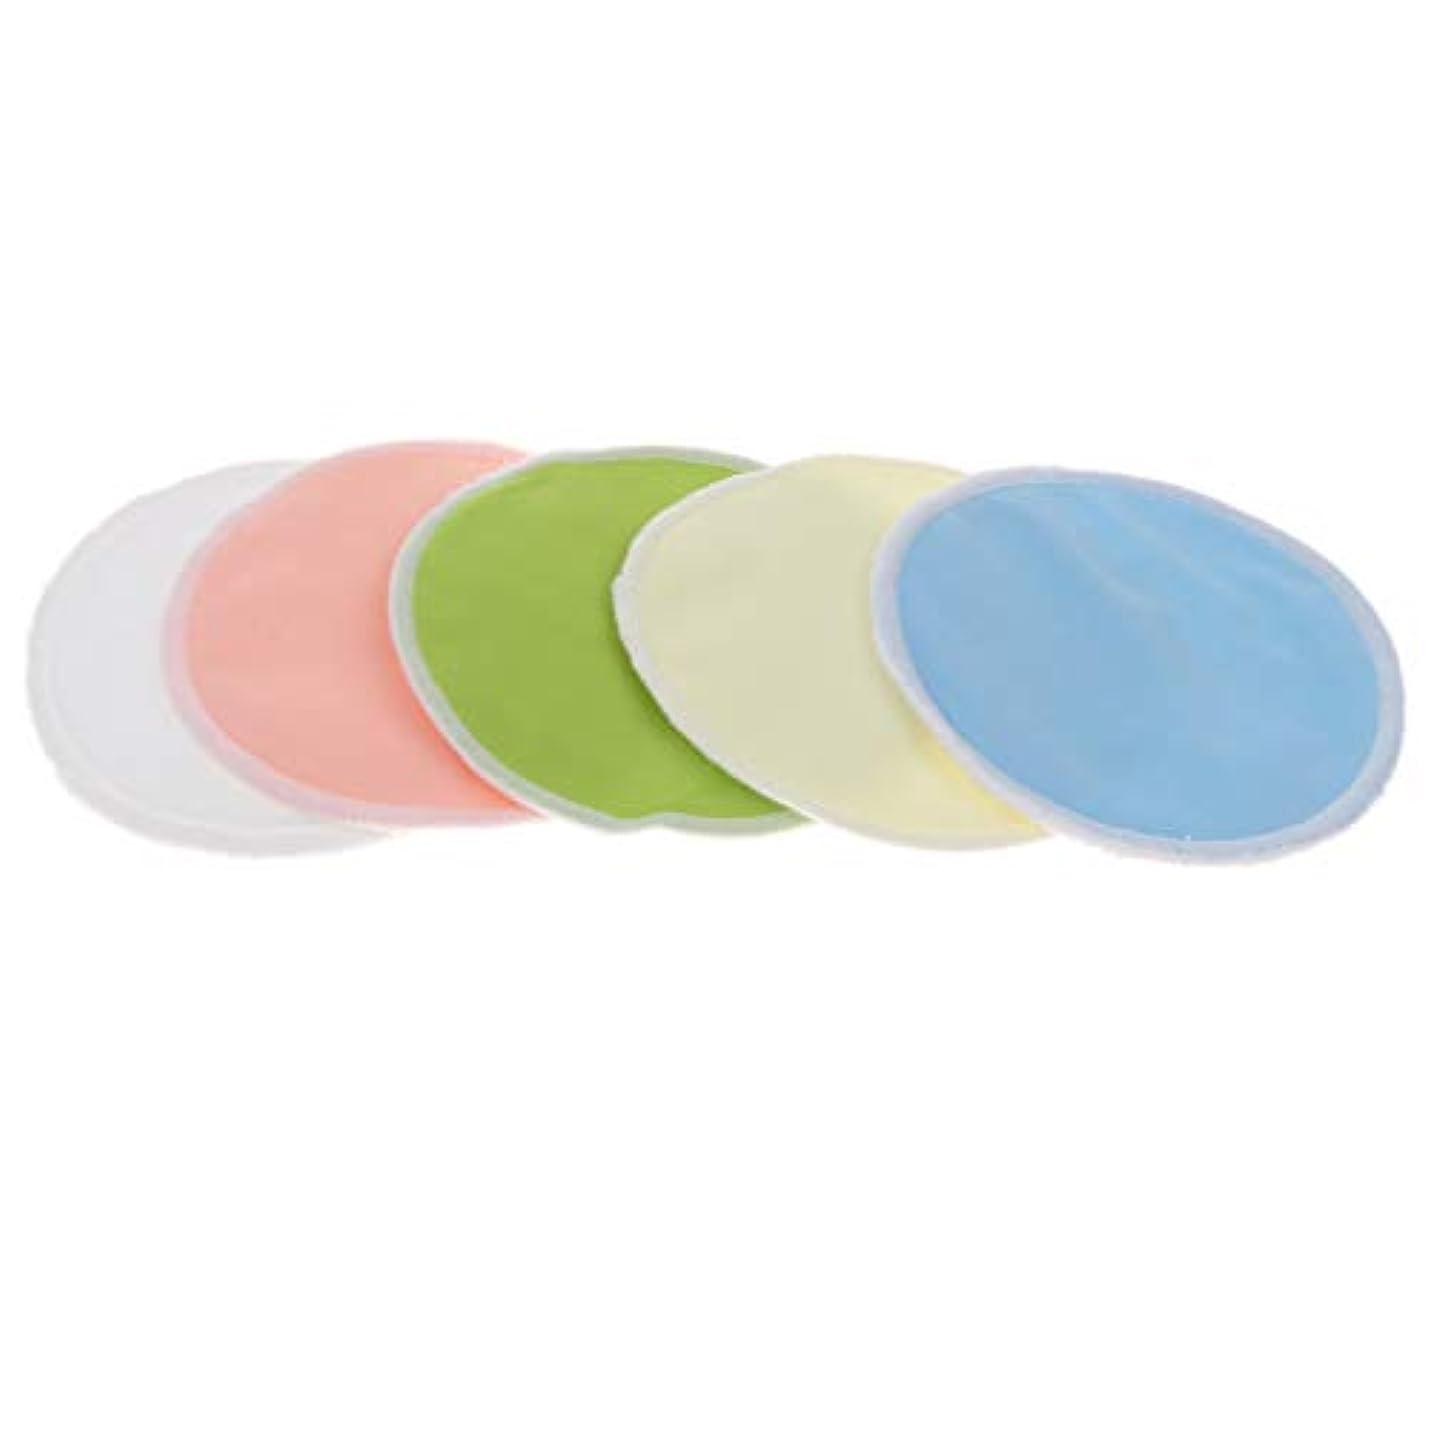 教科書乳製品親密な5本 メイク落としコットン 胸パッド 竹繊維 クレンジングシート 洗濯可能 再利用可 全2タイプ - 01